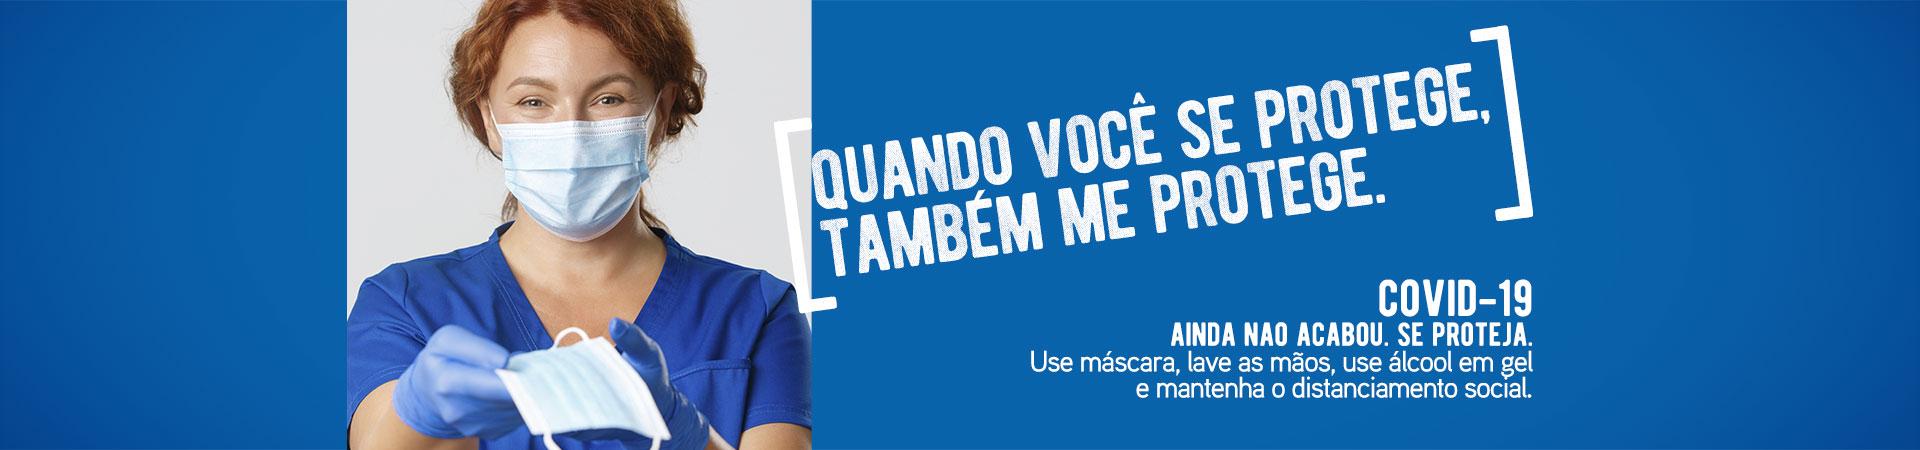 Hospital Santa Casa Saúde Ribeirão